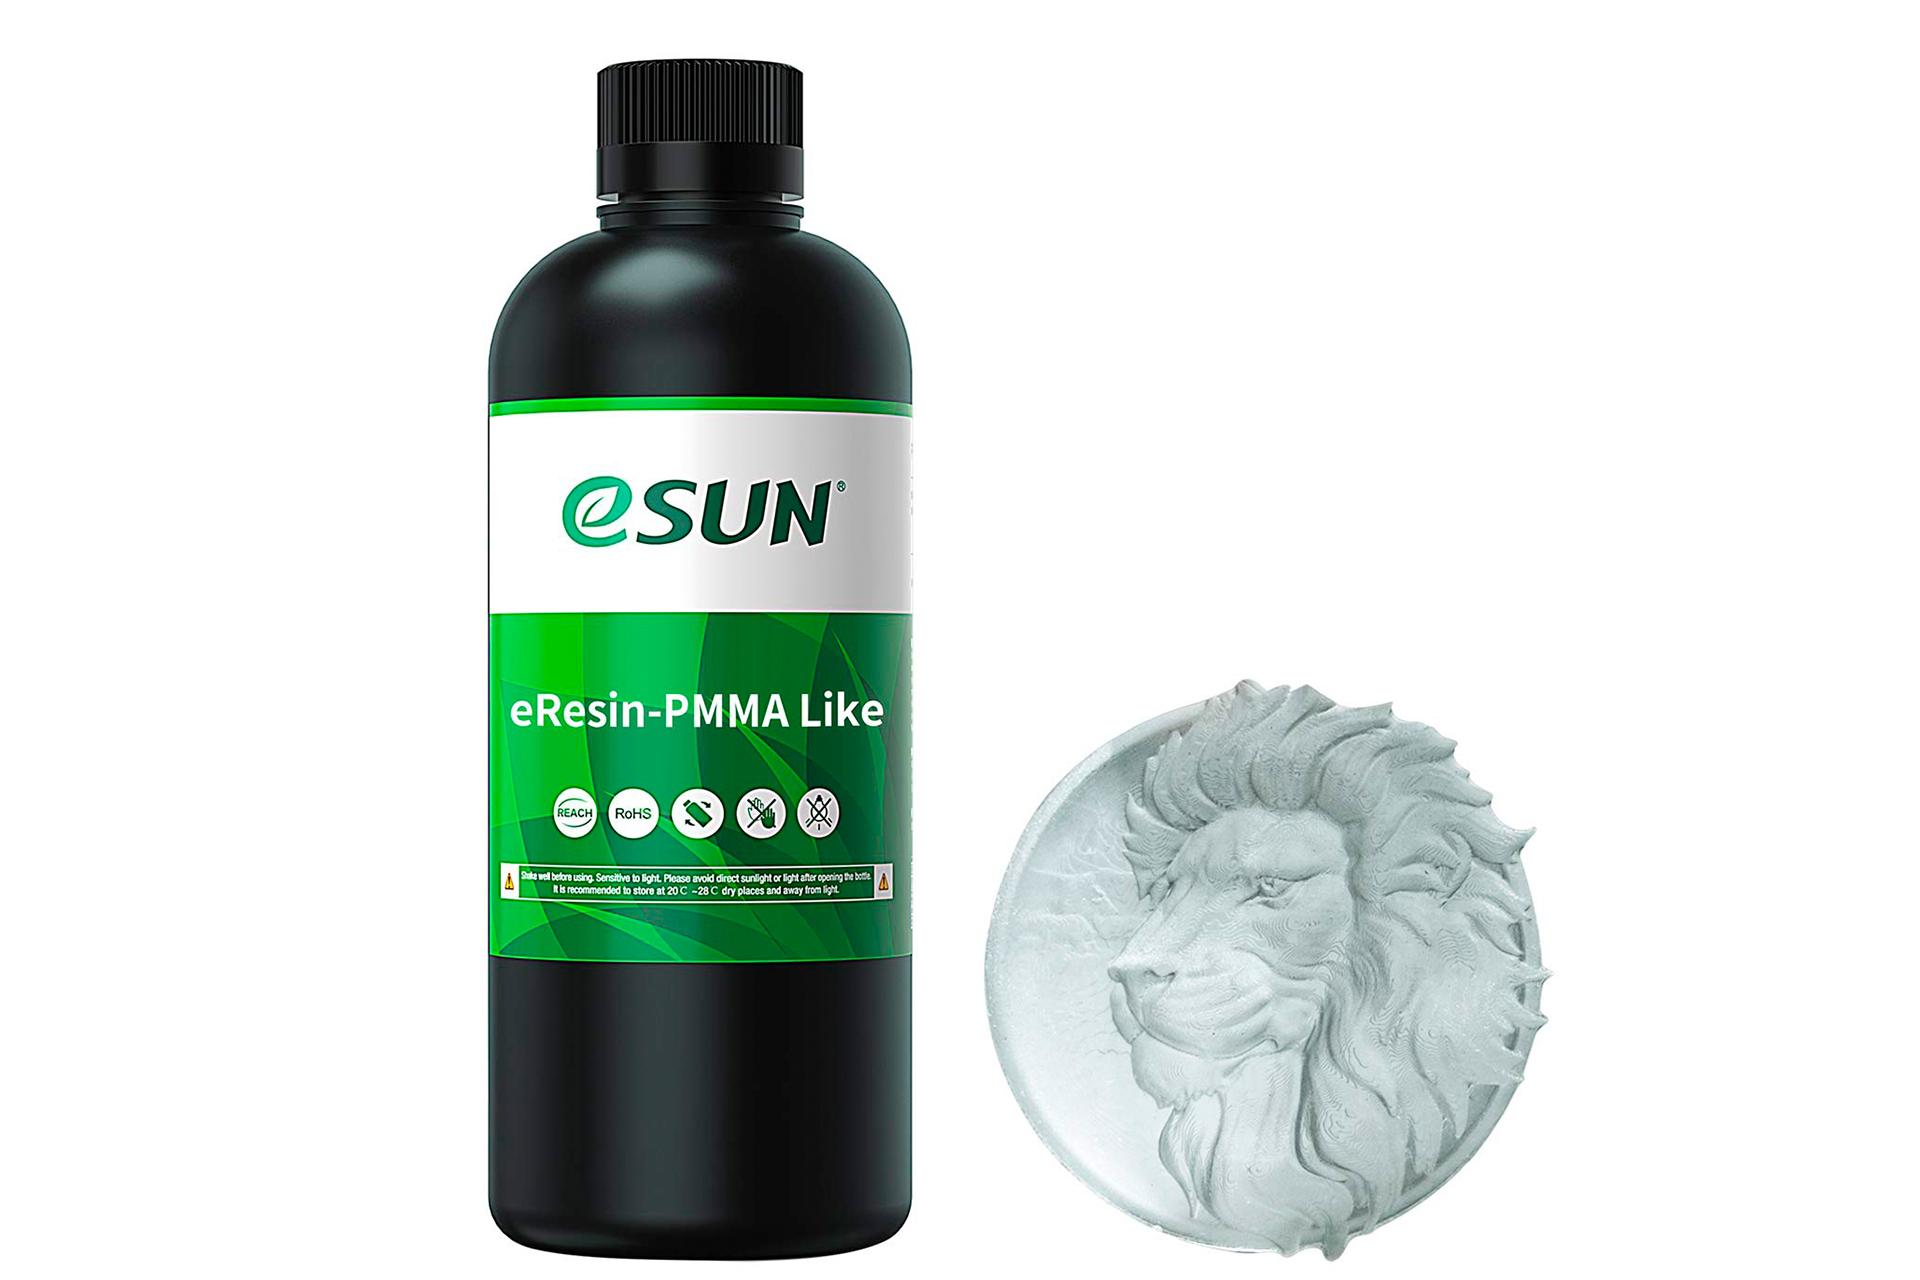 Фотополимерная смола ESUN PMMA Like Resin прозрачный transparent купить украина 1